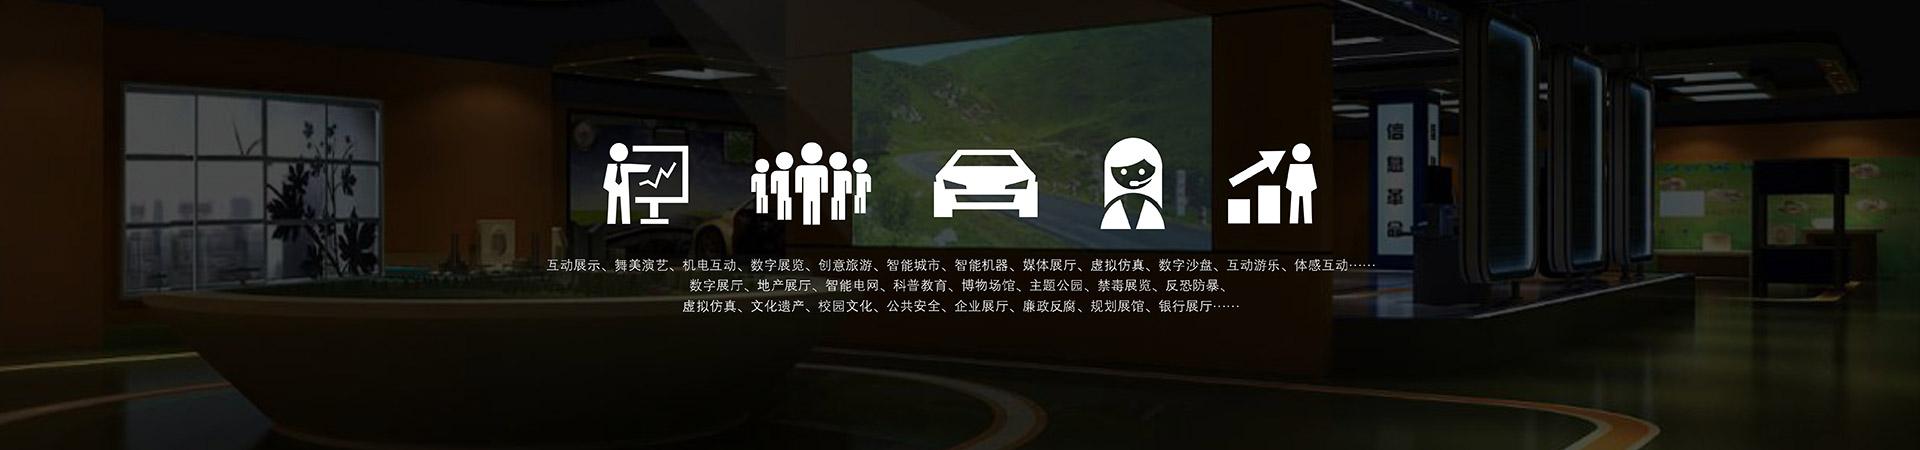 安全体验VR虚拟现实地震小屋模拟仿真数字展厅